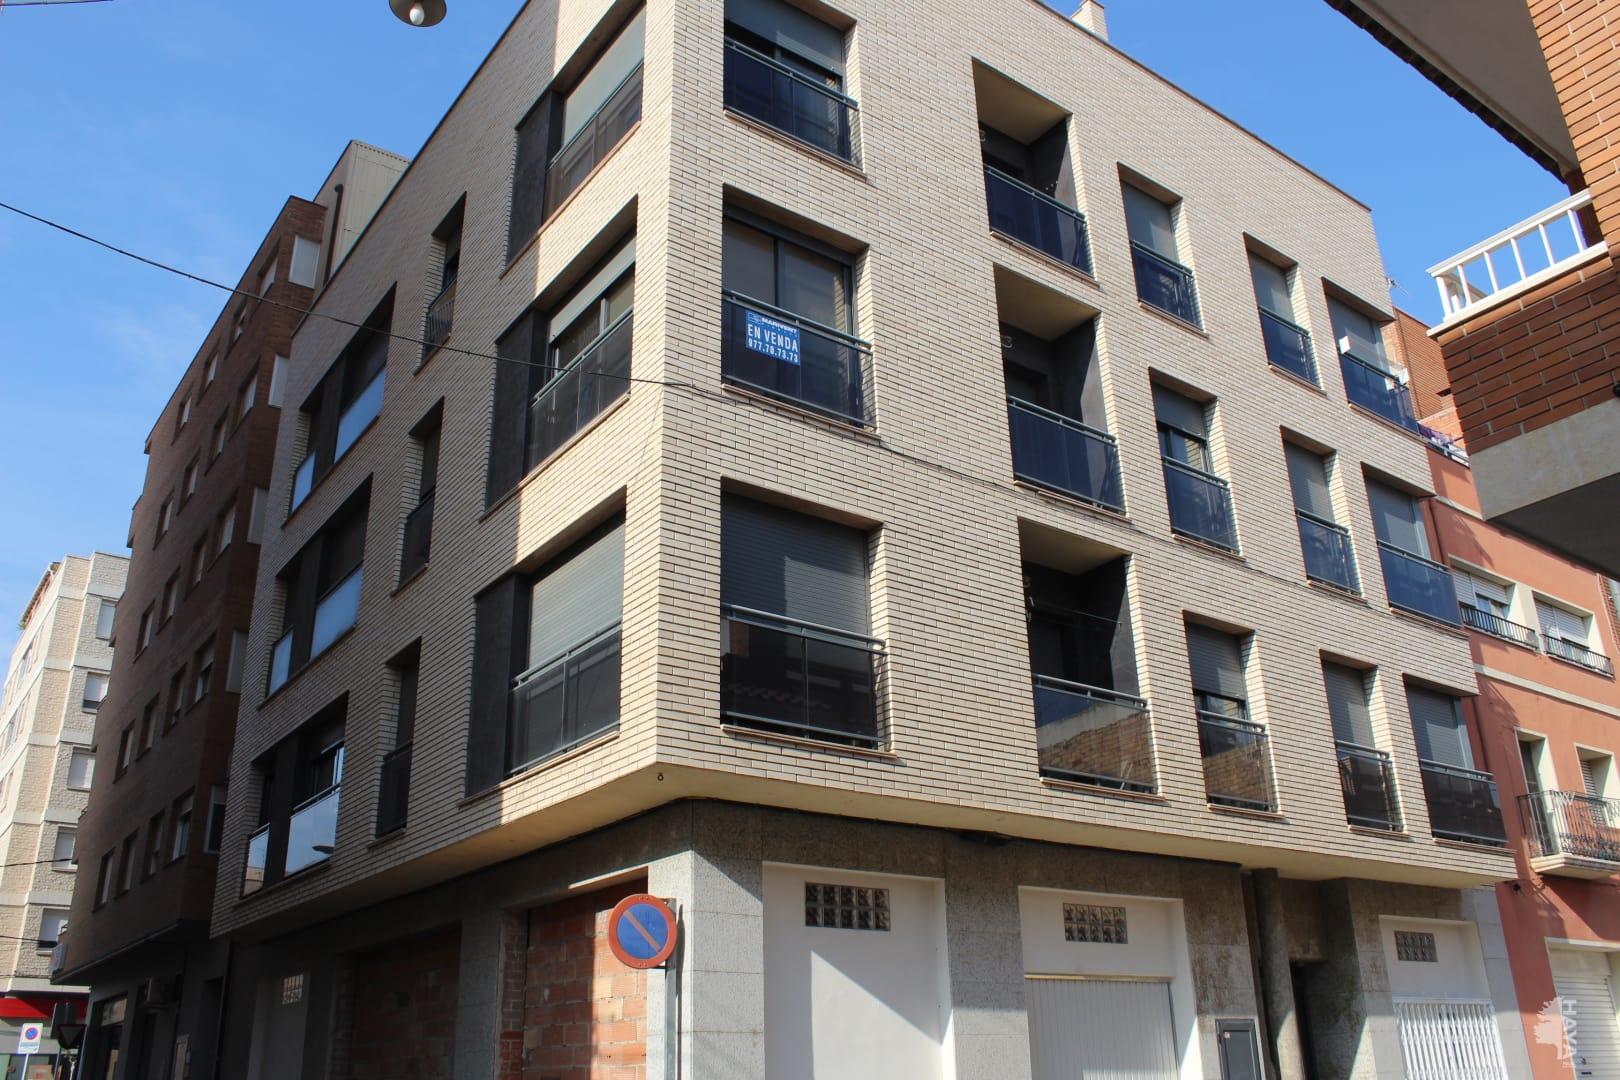 Piso en venta en Amposta, Tarragona, Calle Alacant, 58.027 €, 2 habitaciones, 1 baño, 62 m2